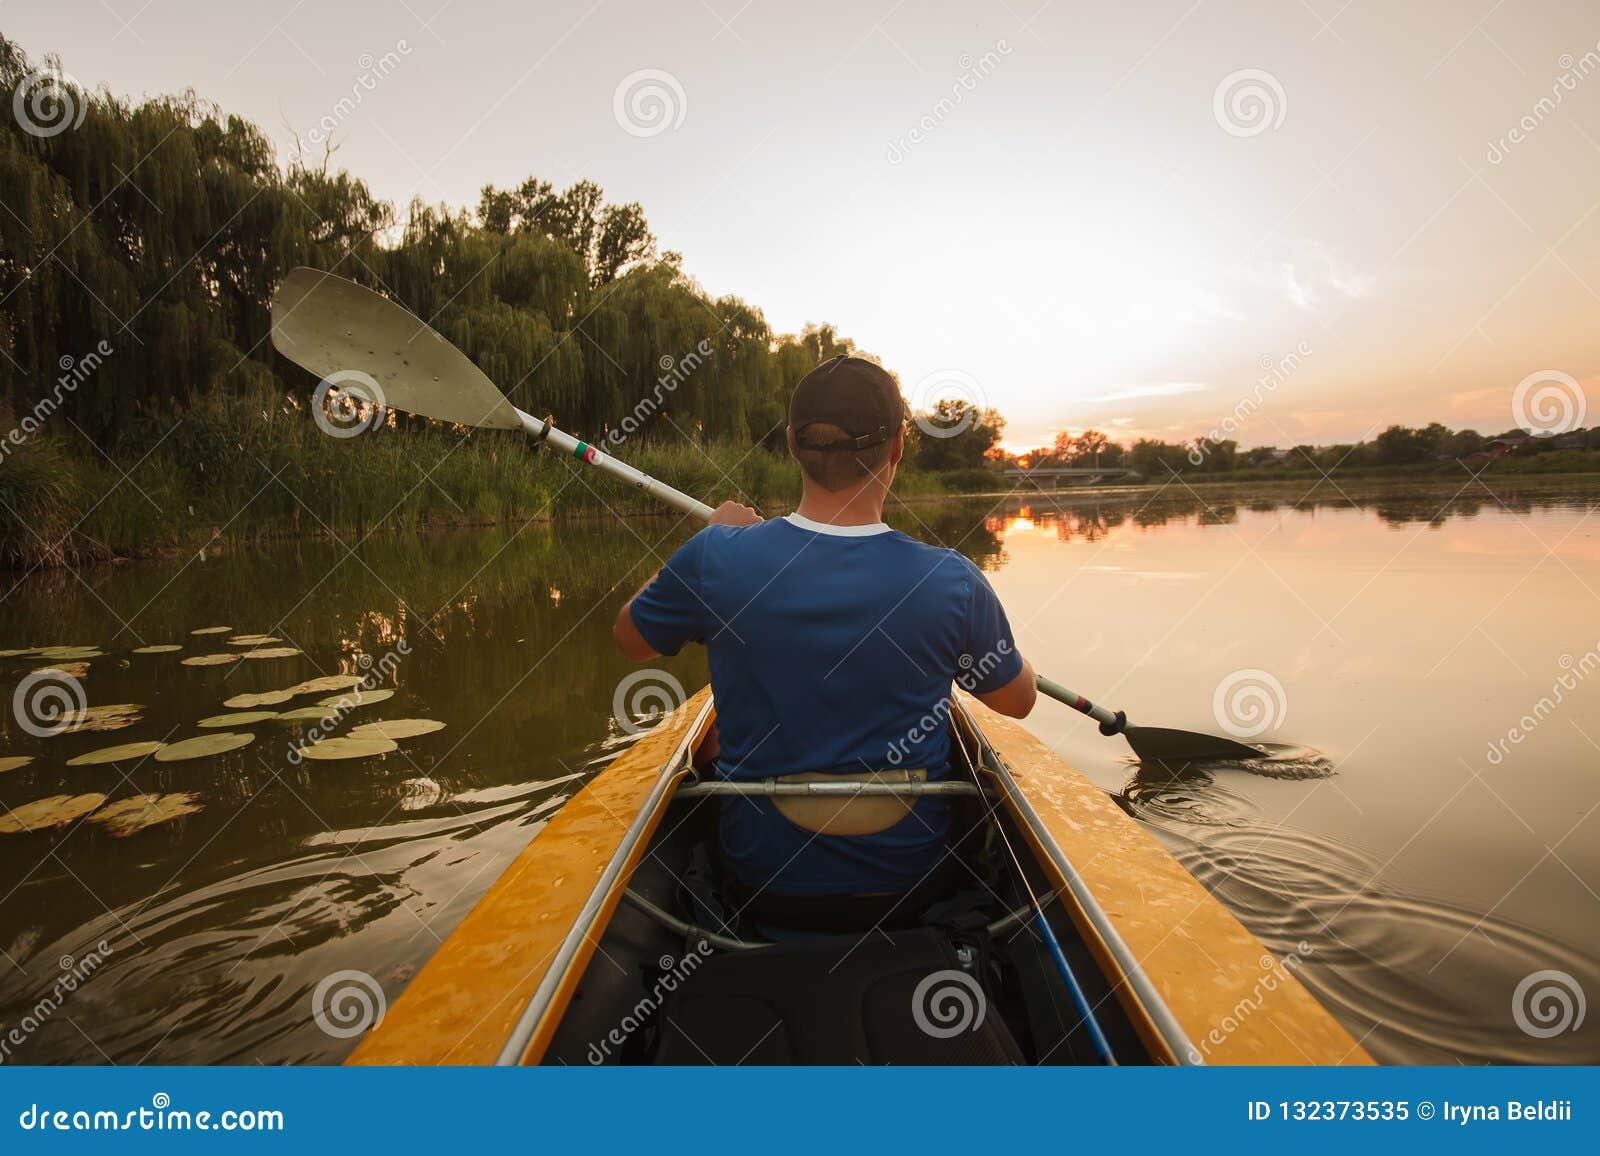 Flotadores del hombre en el kajak deportes acuáticos de la puesta del sol del hombre del kajak